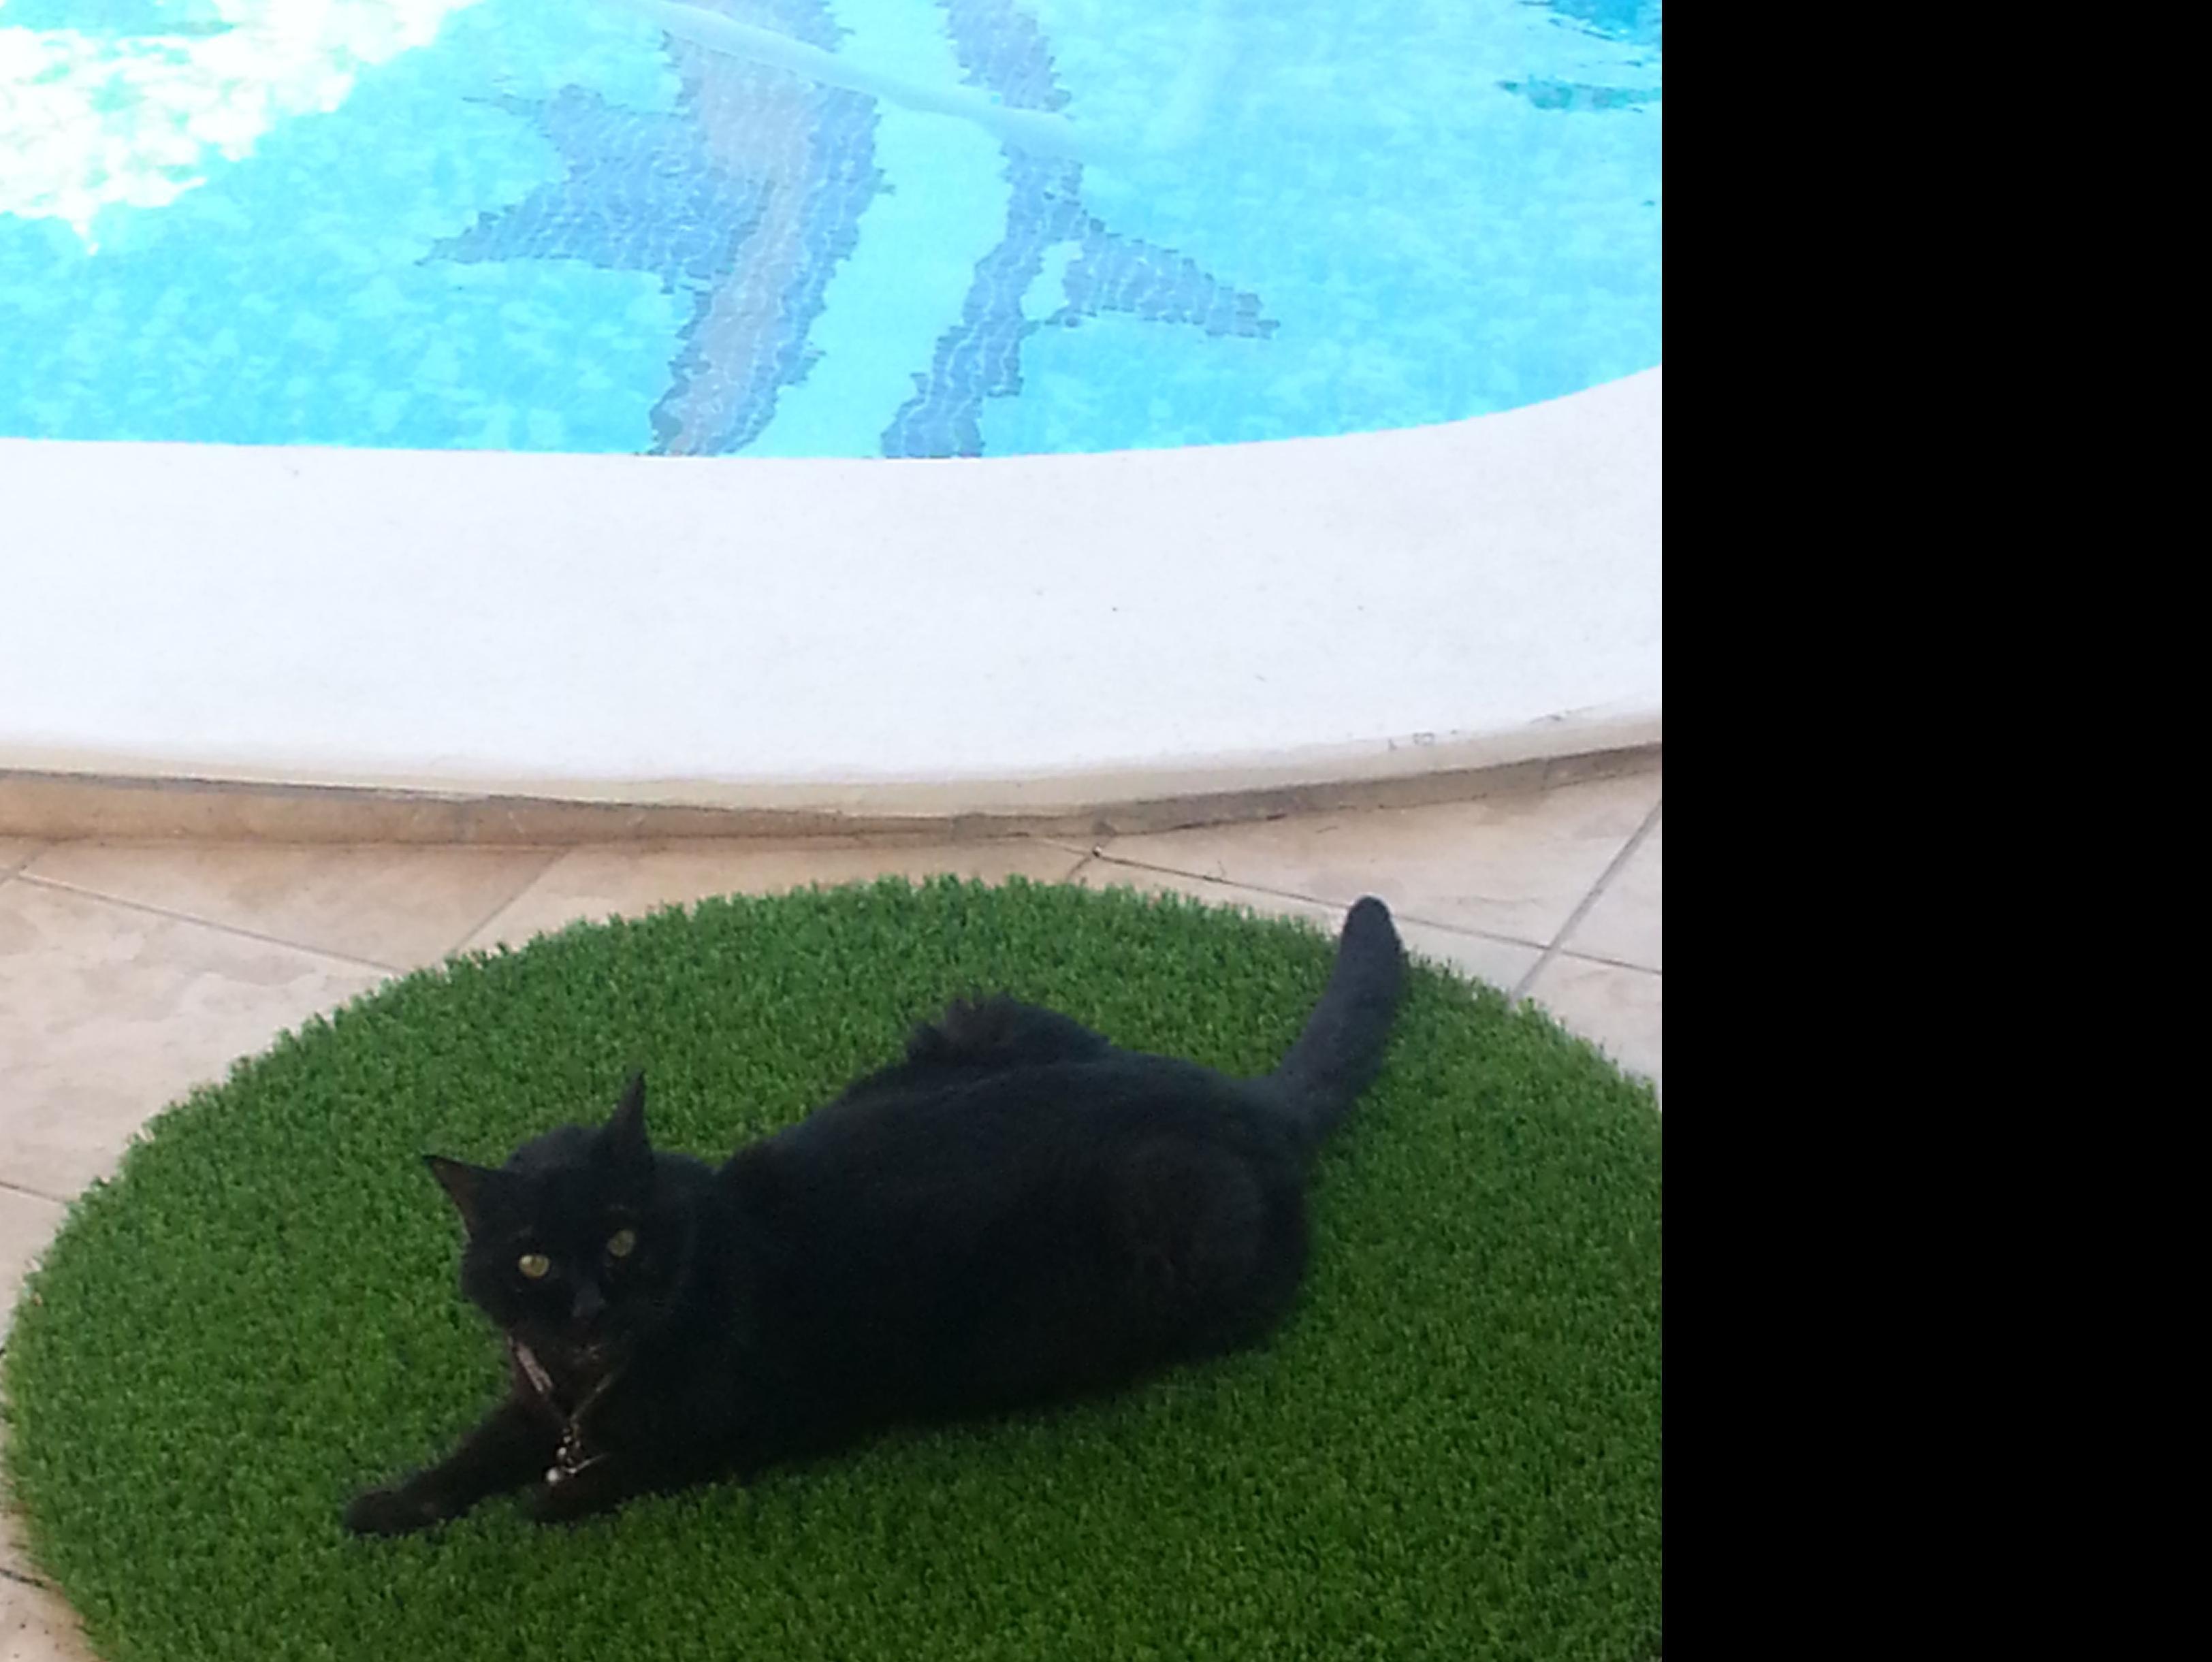 Coco, sobre alfombra de césped artificial...........